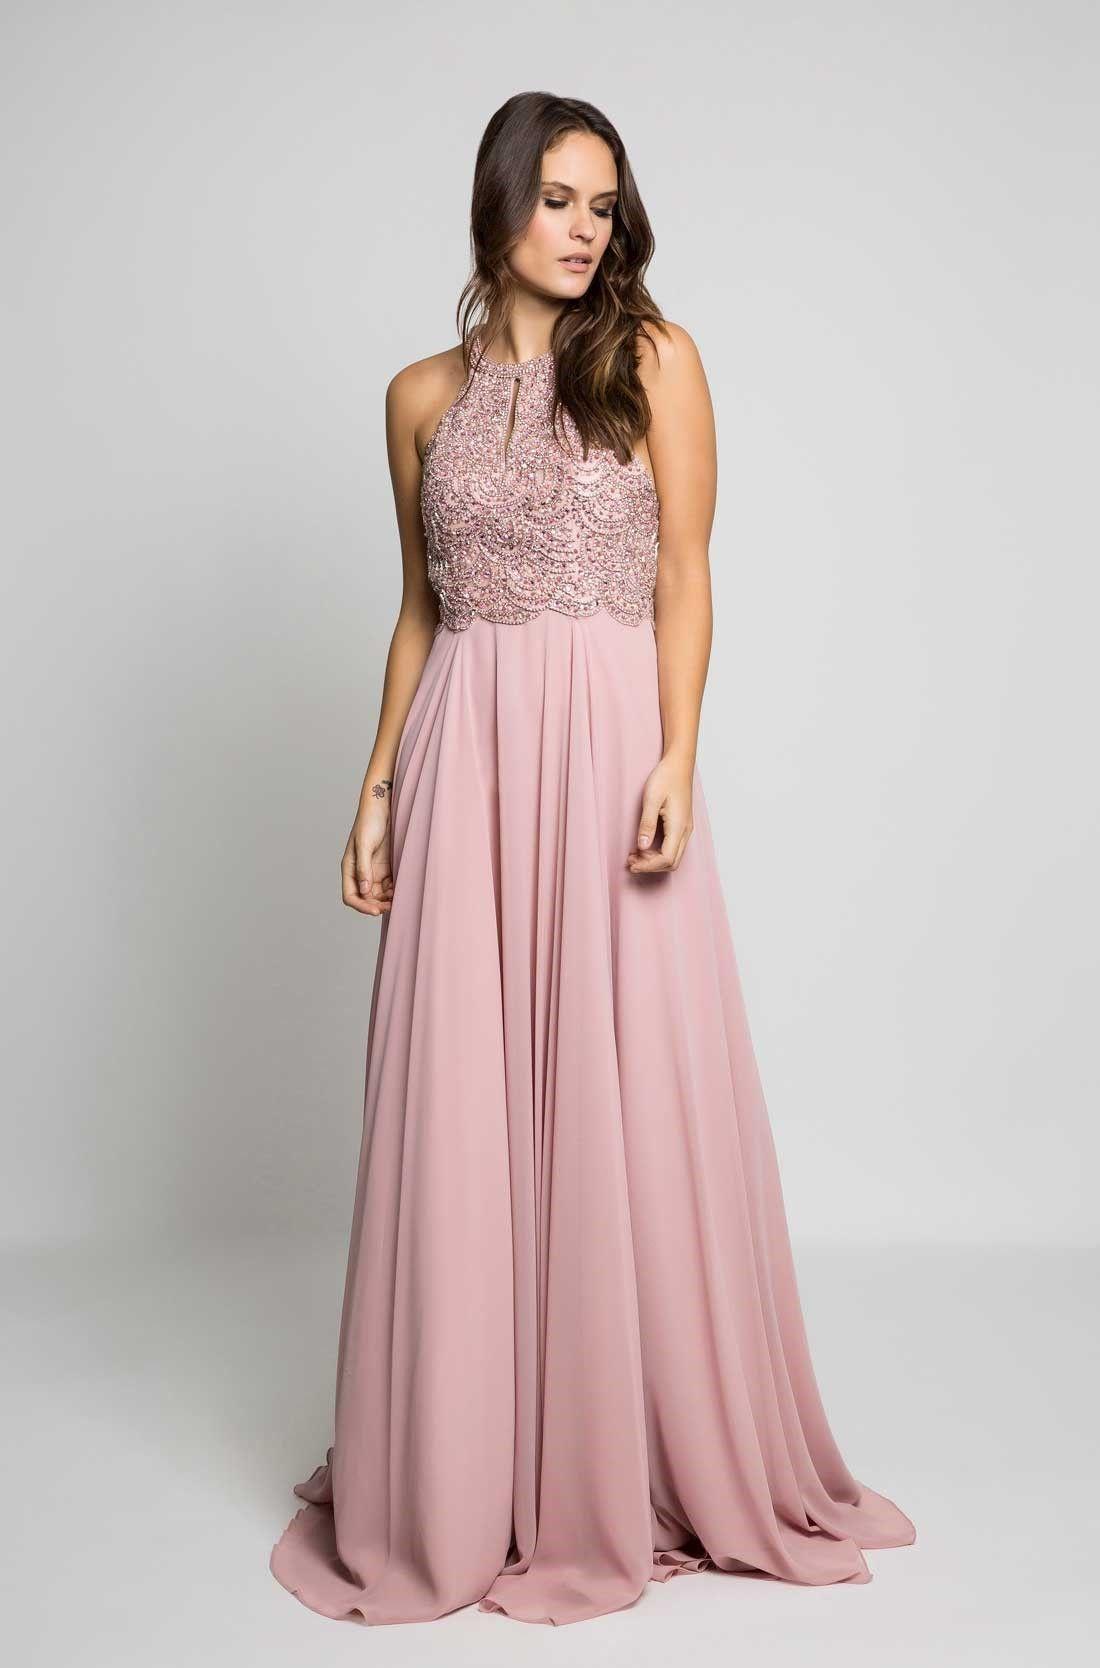 Vestido bordado lady | Pinterest | Vestido bordado, Vestiditos y ...